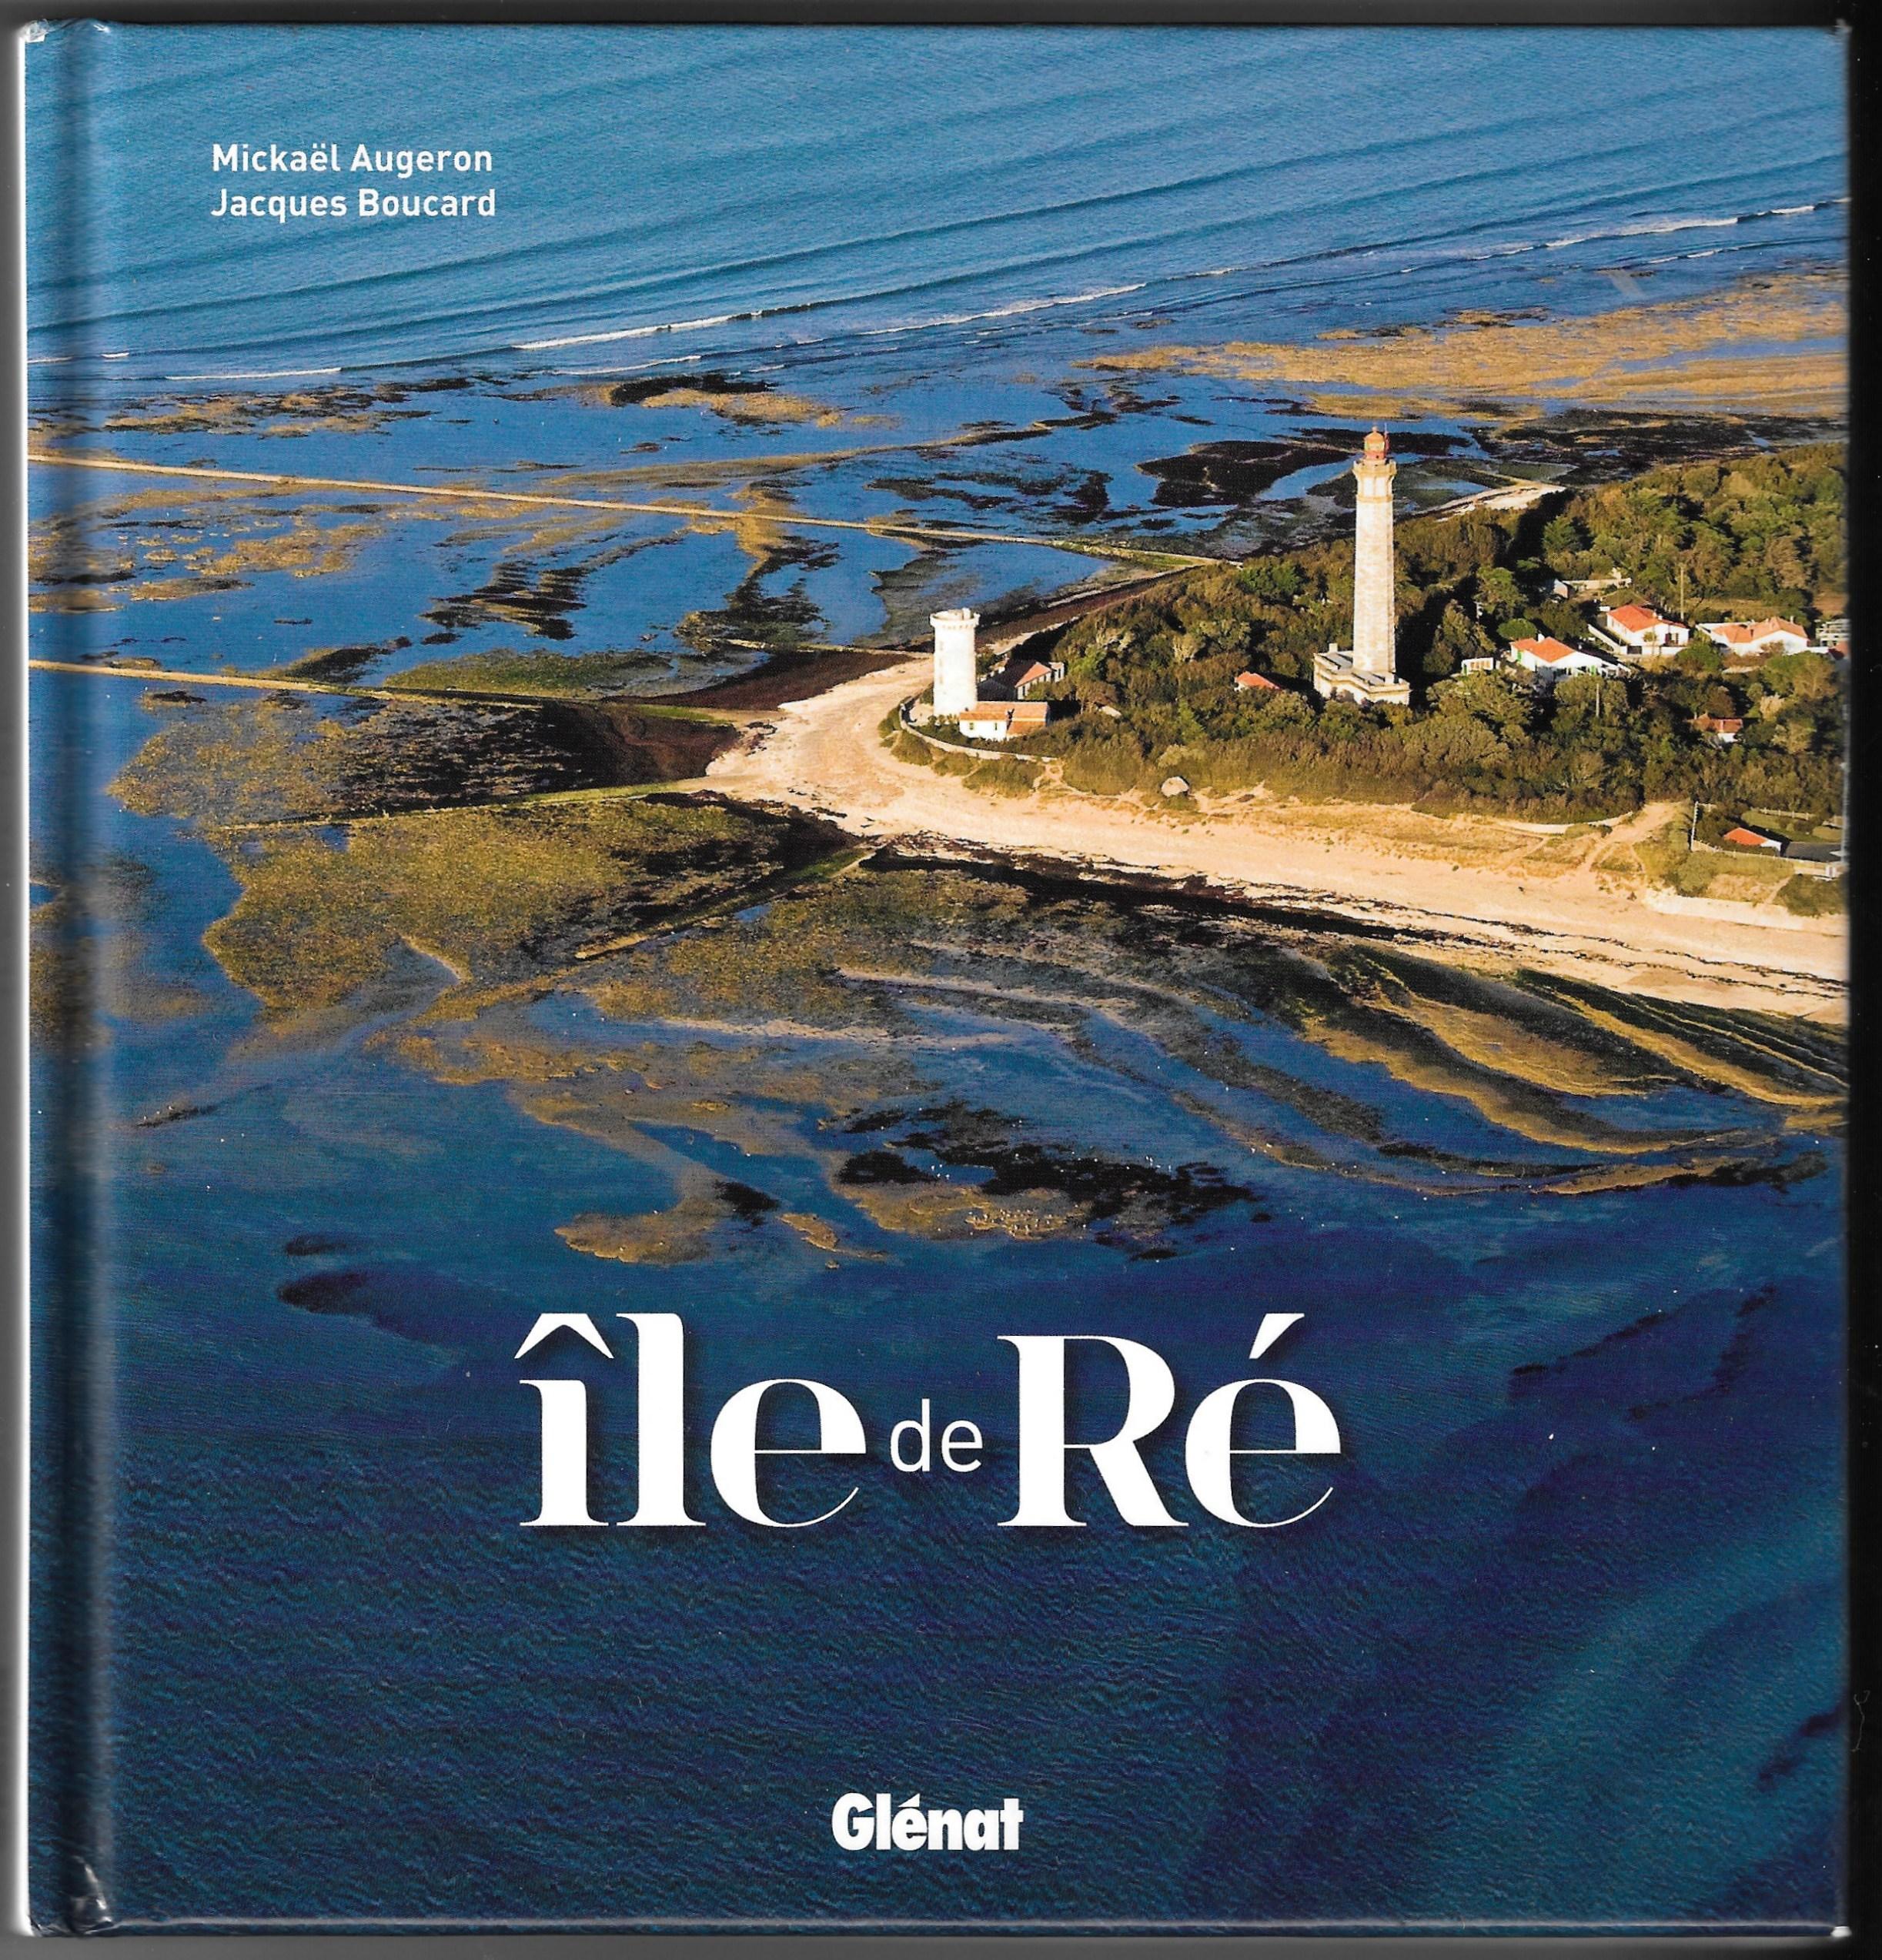 Ile de Ré - Co auteurs : Mickaël Augeron et Jacques Boucard